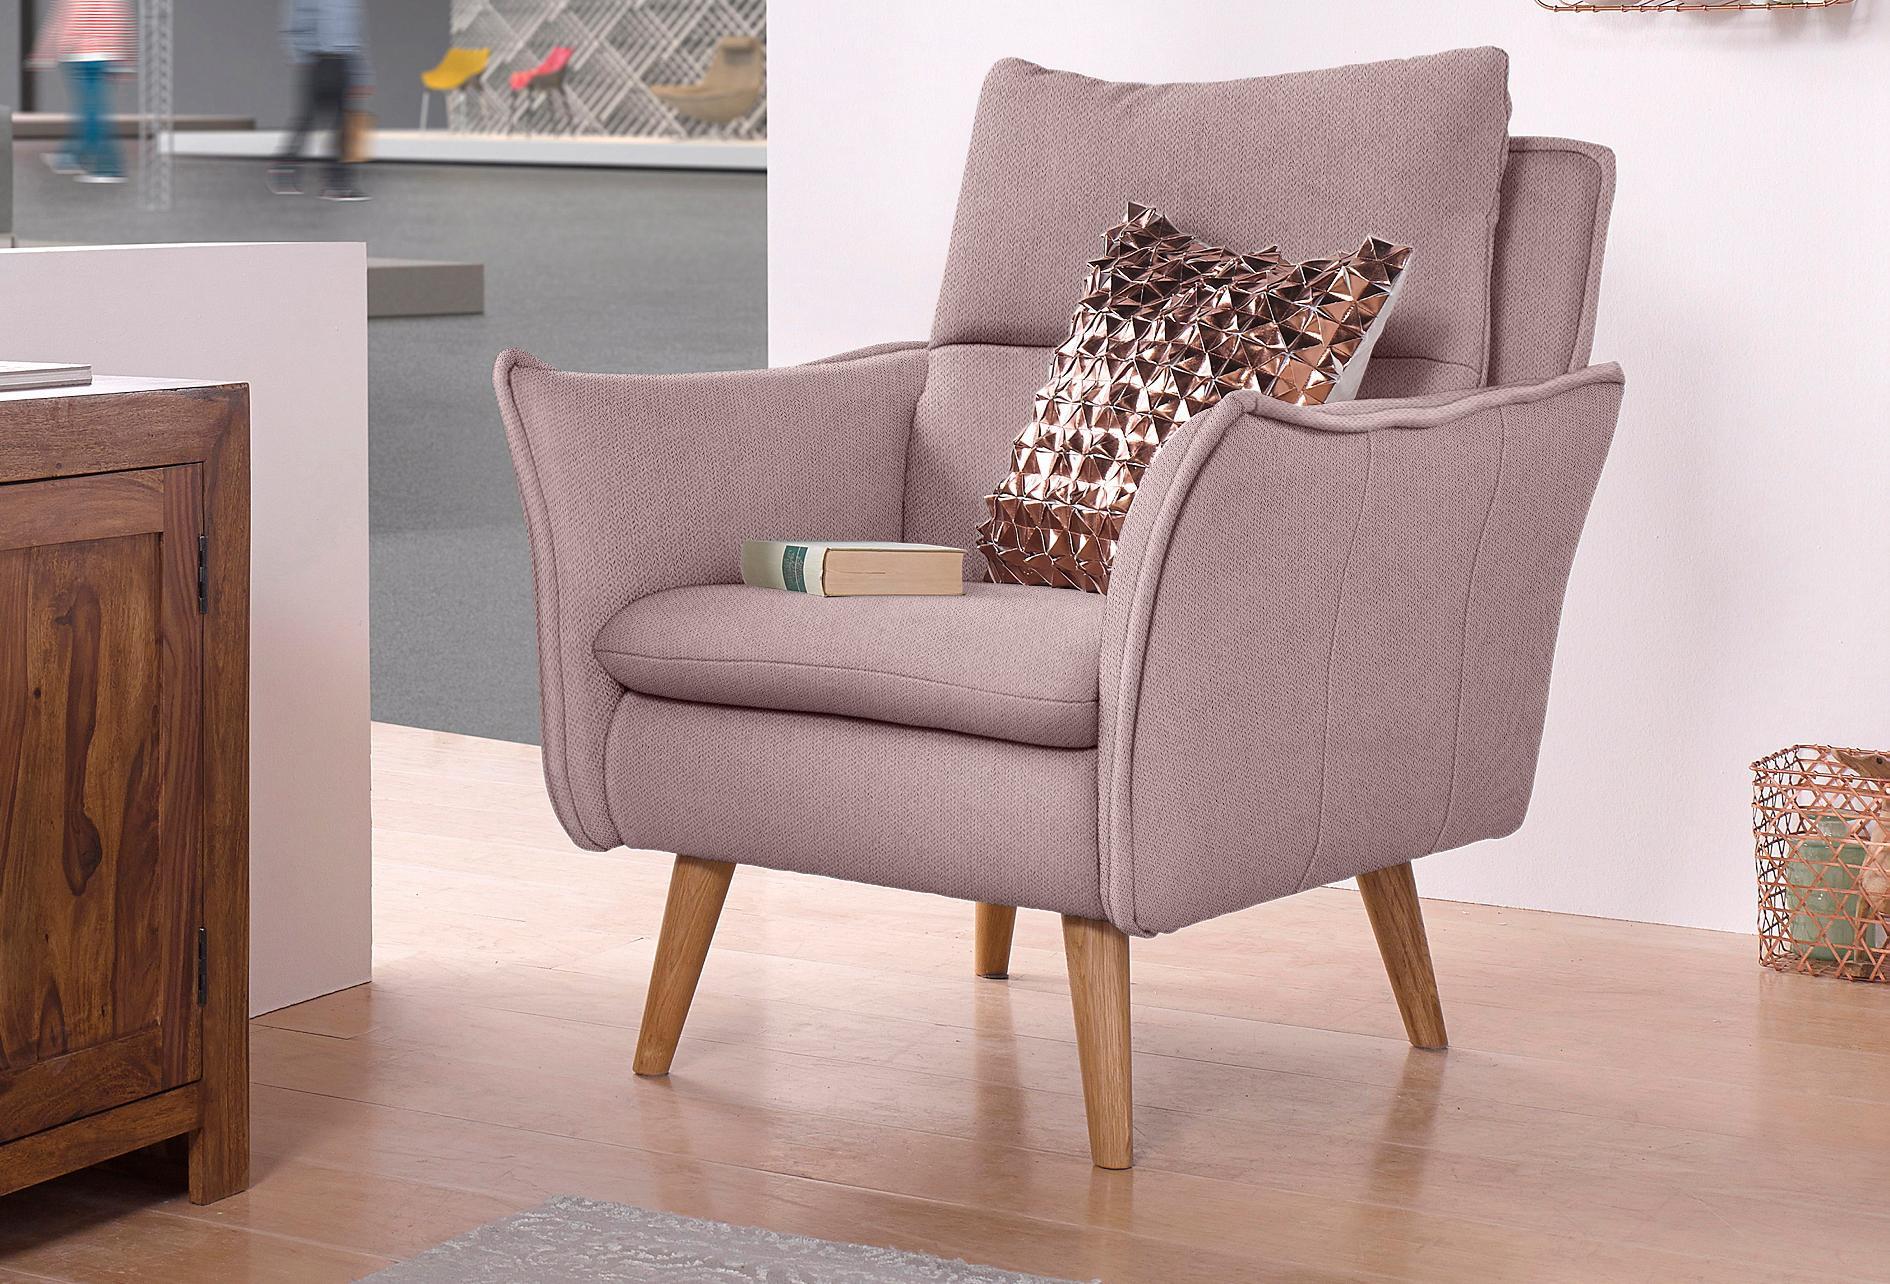 Home affaire Sessel mit Steppung im Rücken und 1 Zierkissen im gleichen Bezugsstoff